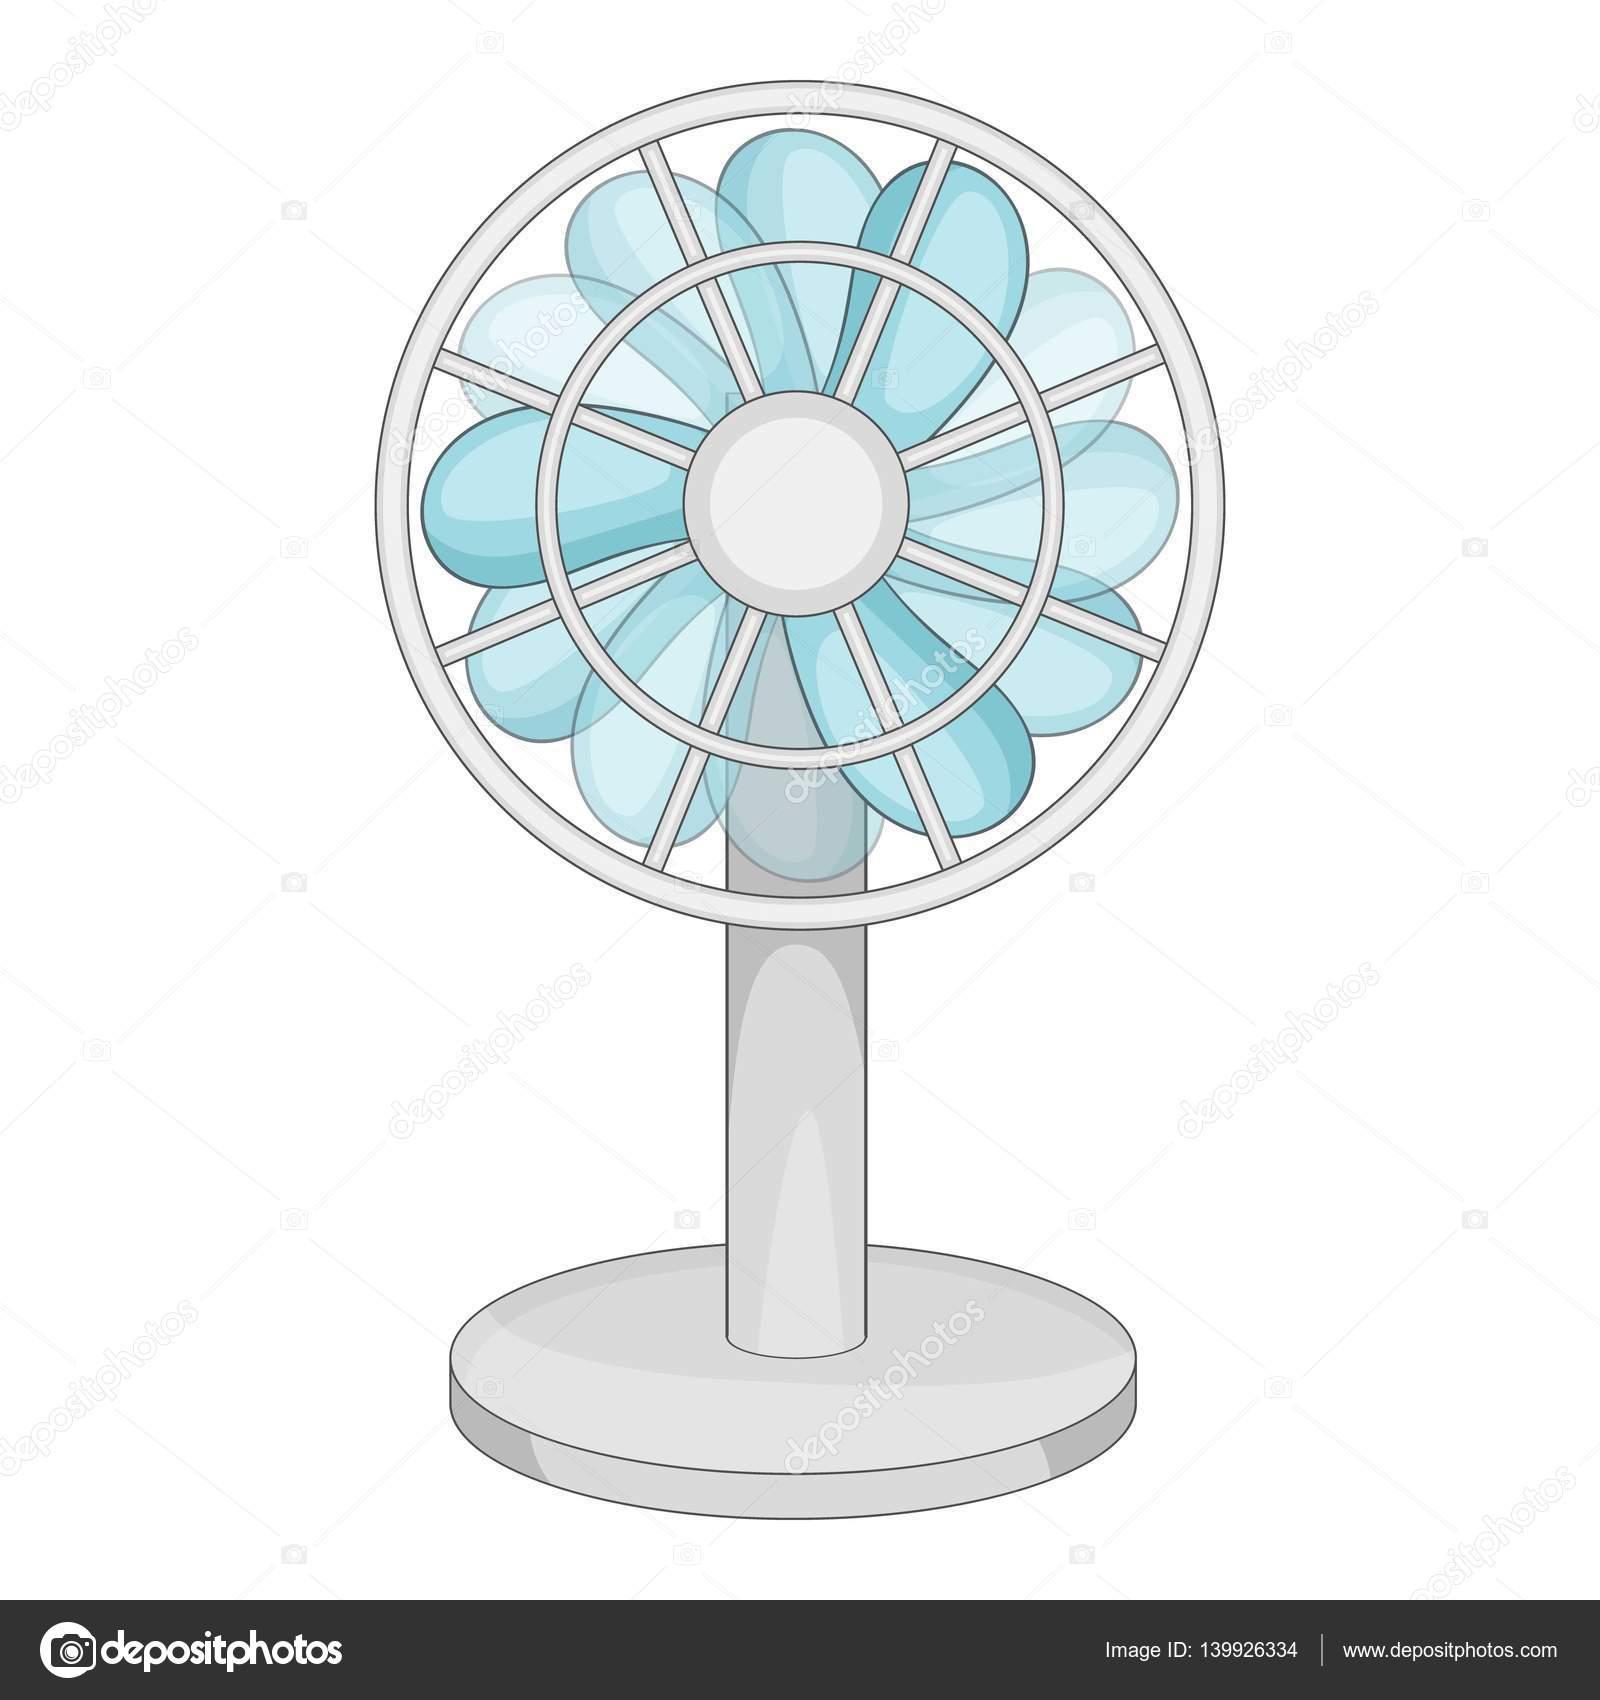 Icono de ventilador peque o estilo de dibujos animados vector de stock ylivdesign 139926334 - Fotos de ventiladores ...